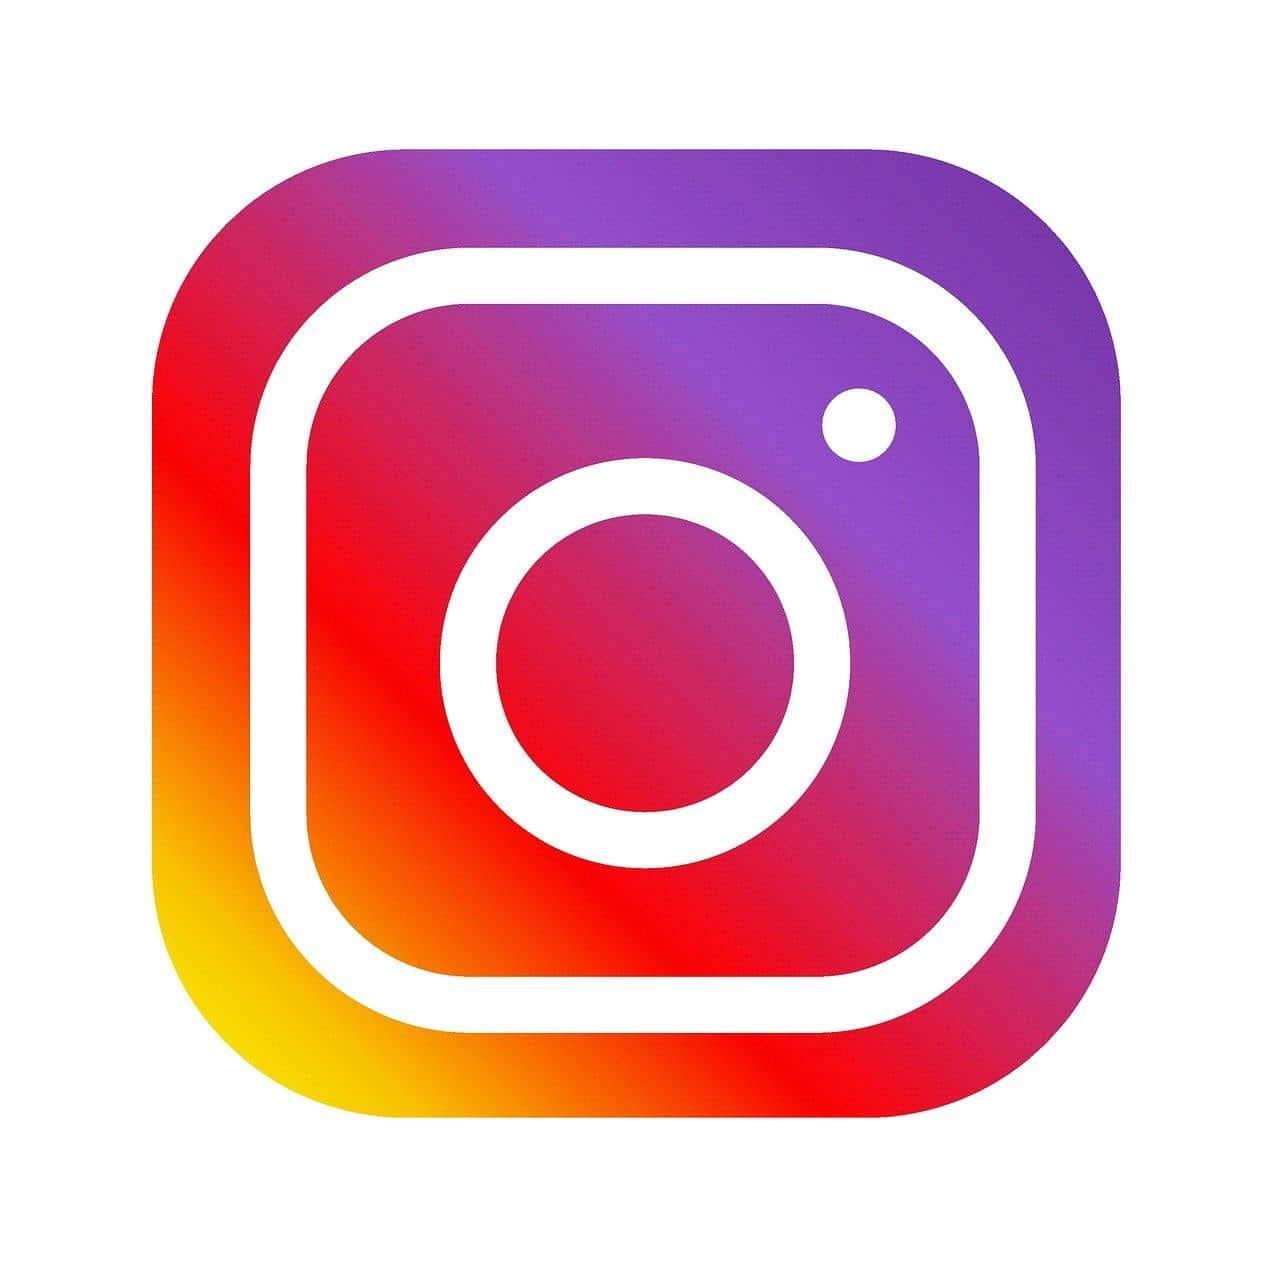 Comment supprimer son compte instagram rapidement et définitivement